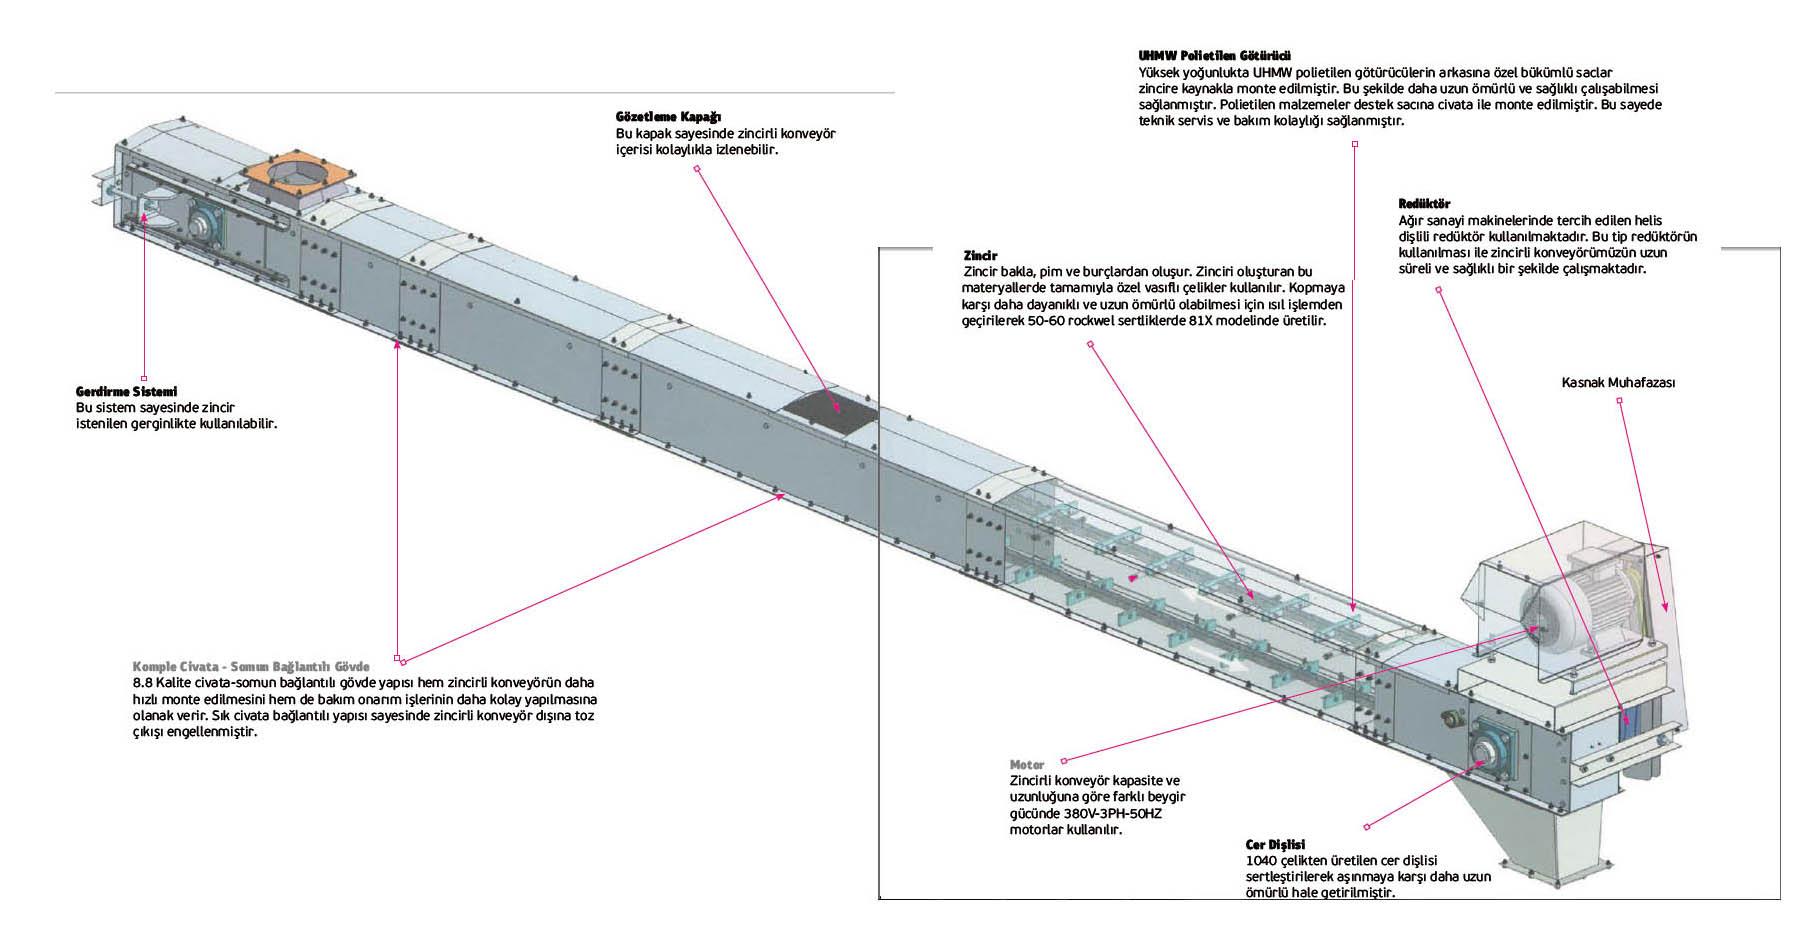 Kızıler Steel Silo Grain Storage Systems and Feed Plant Adana